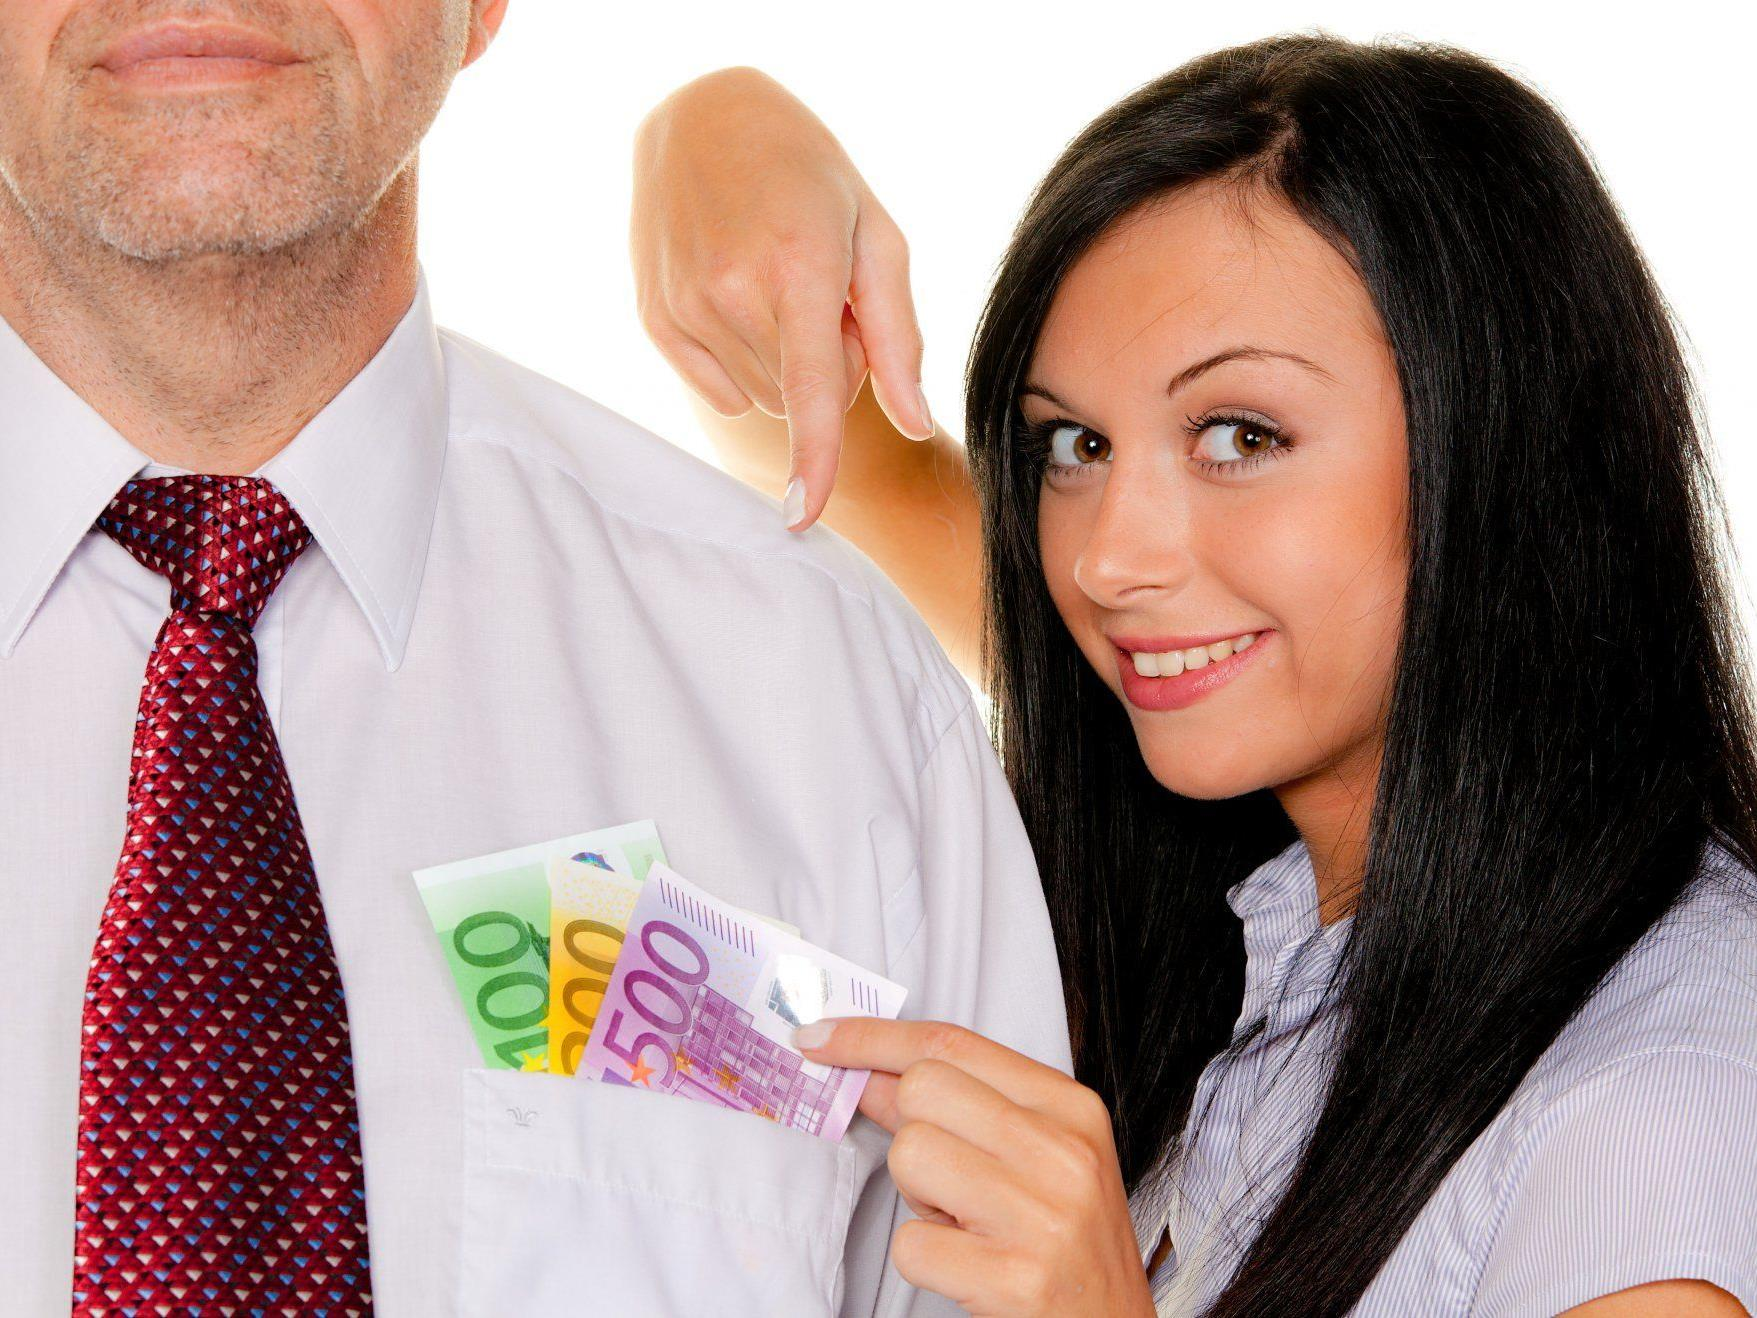 Unterstützung für in finanzielle Not geratene Partner kommt vor allem seitens der Männer.